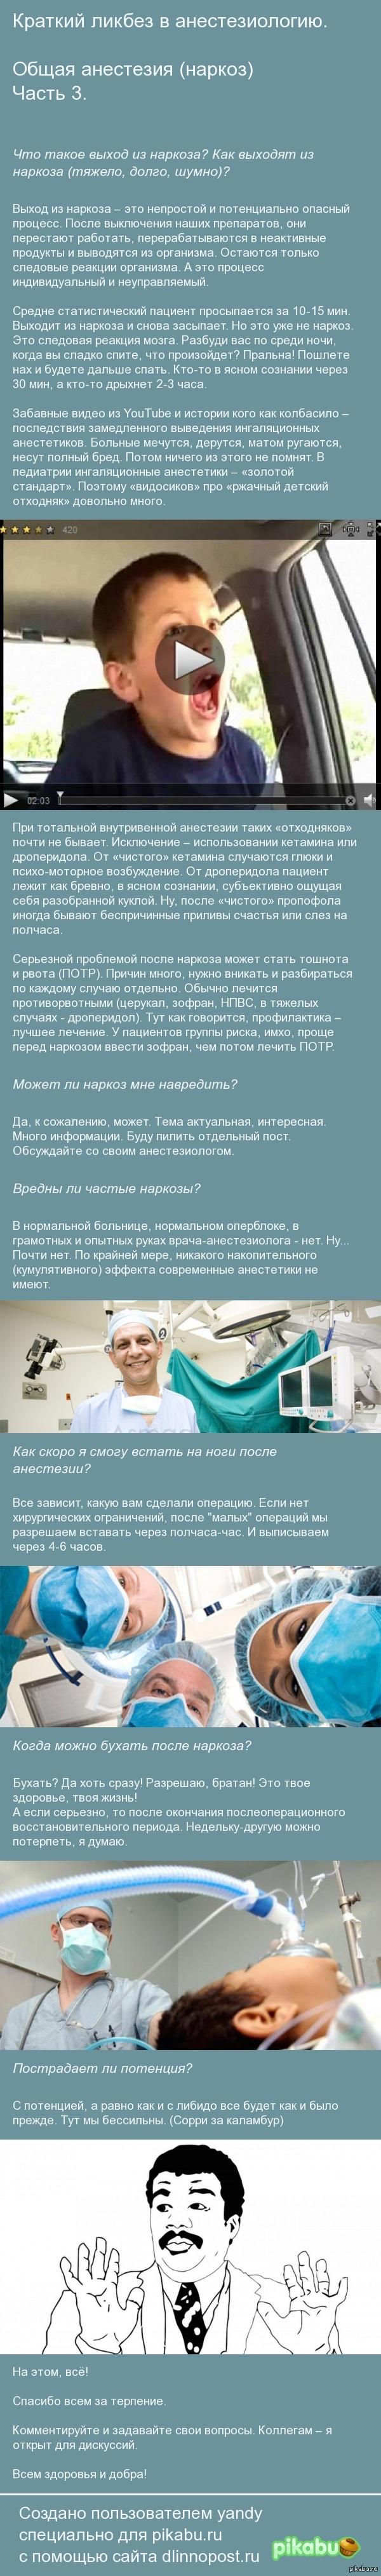 Краткий ликбез в анестезиологию. Общая анестезия (наркоз). Ч.3. В 3-х частях. Осторожно, очень длиннопост!